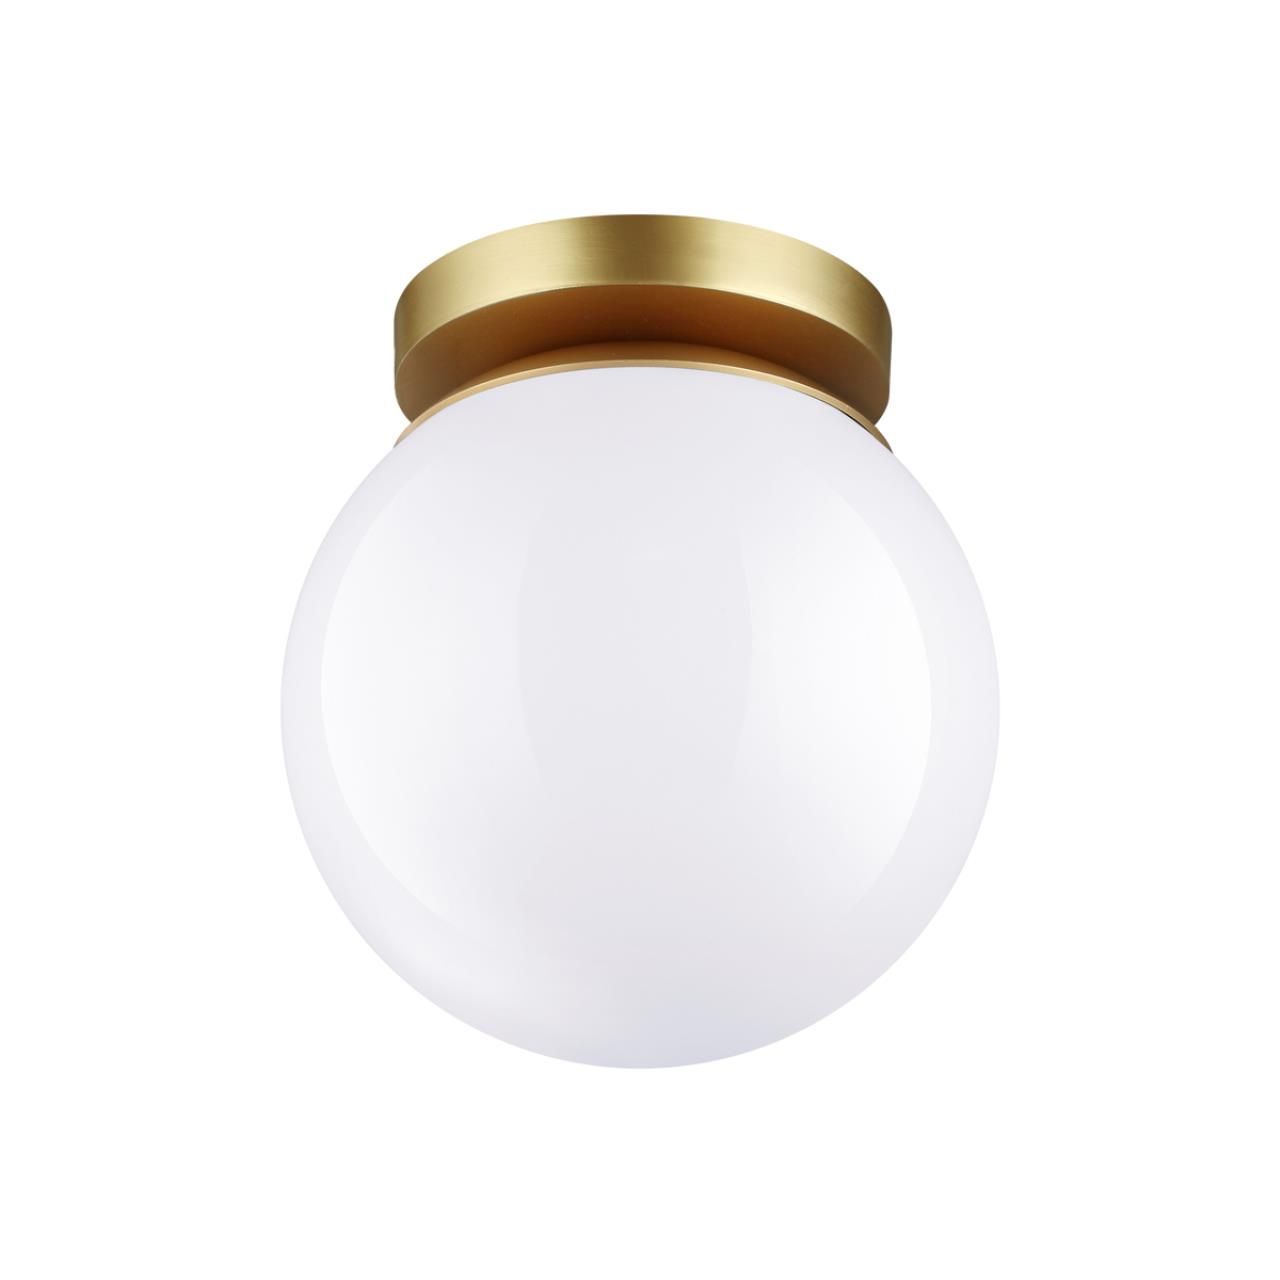 Потолочный накладной светильник ODEON LIGHT BOSCO 4247/1C